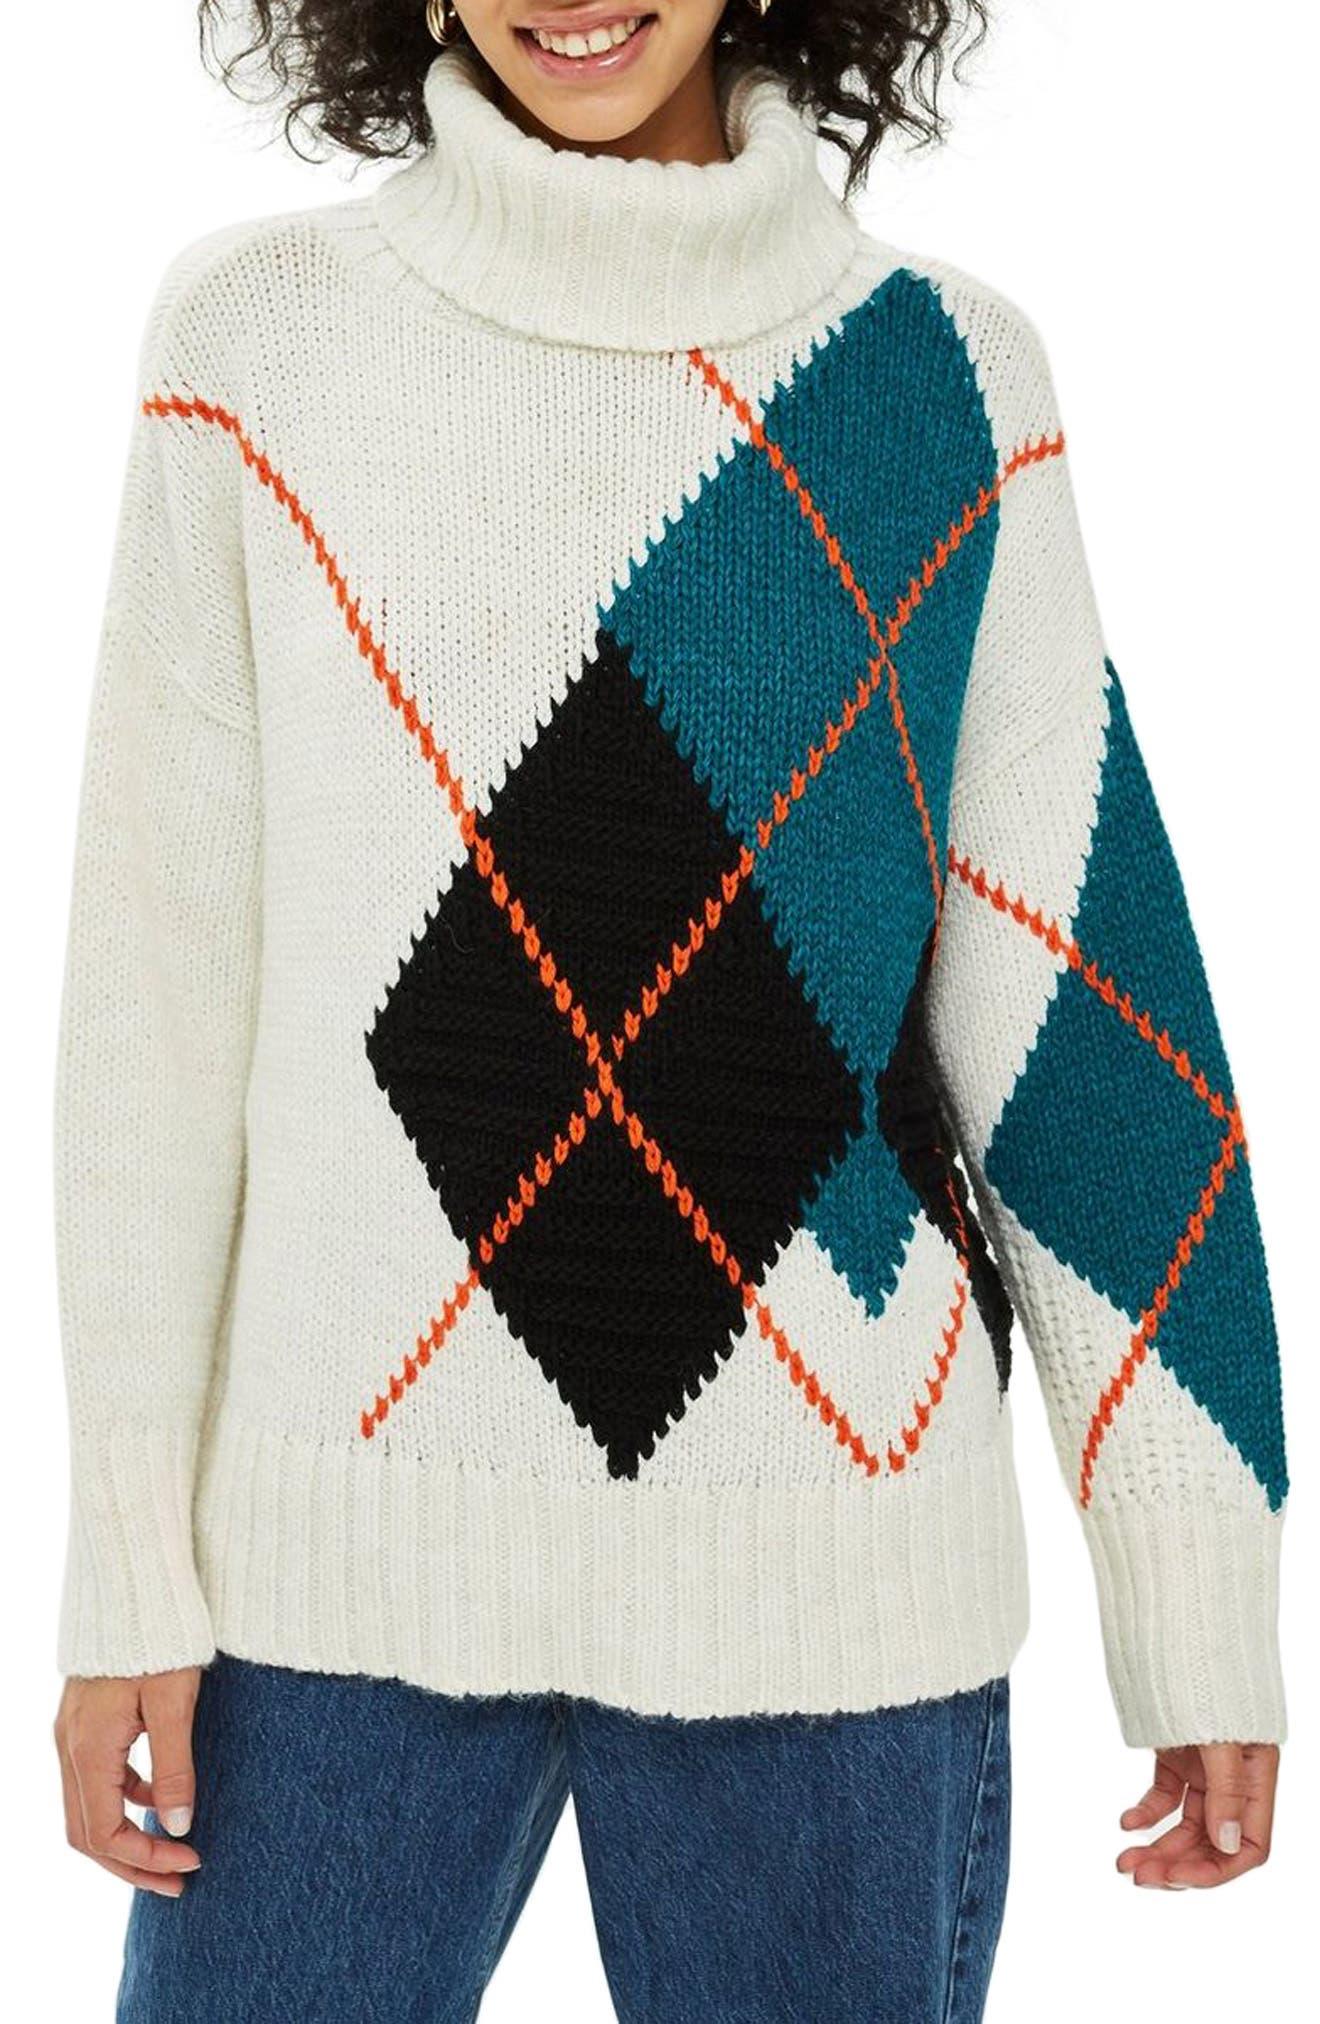 Oversized Argyle Turtleneck Sweater,                             Main thumbnail 1, color,                             IVORY MULTI